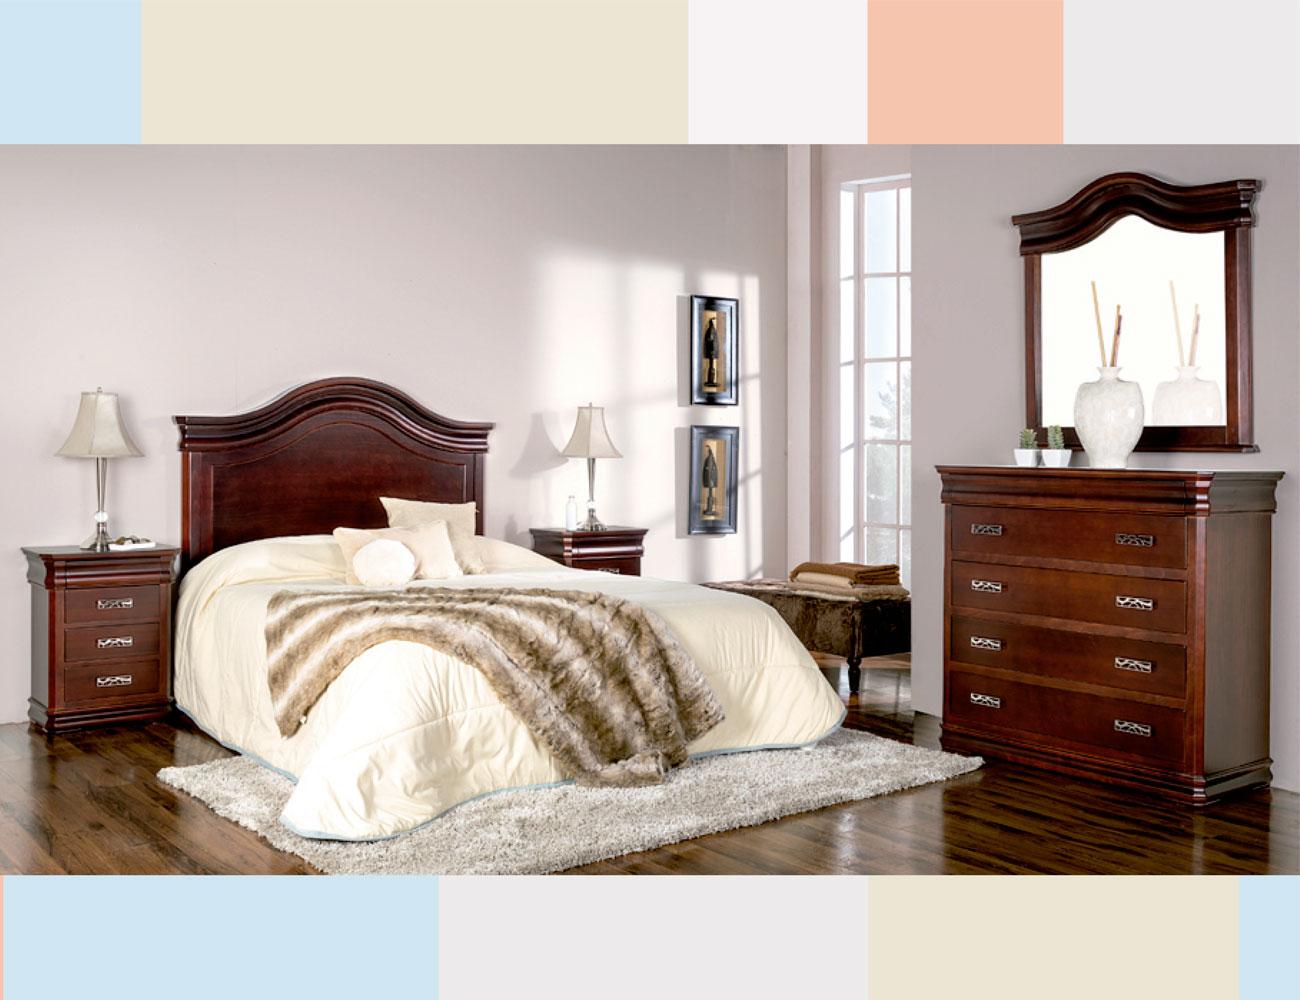 Dormitorio matrimonio cabecero imperio curvo1